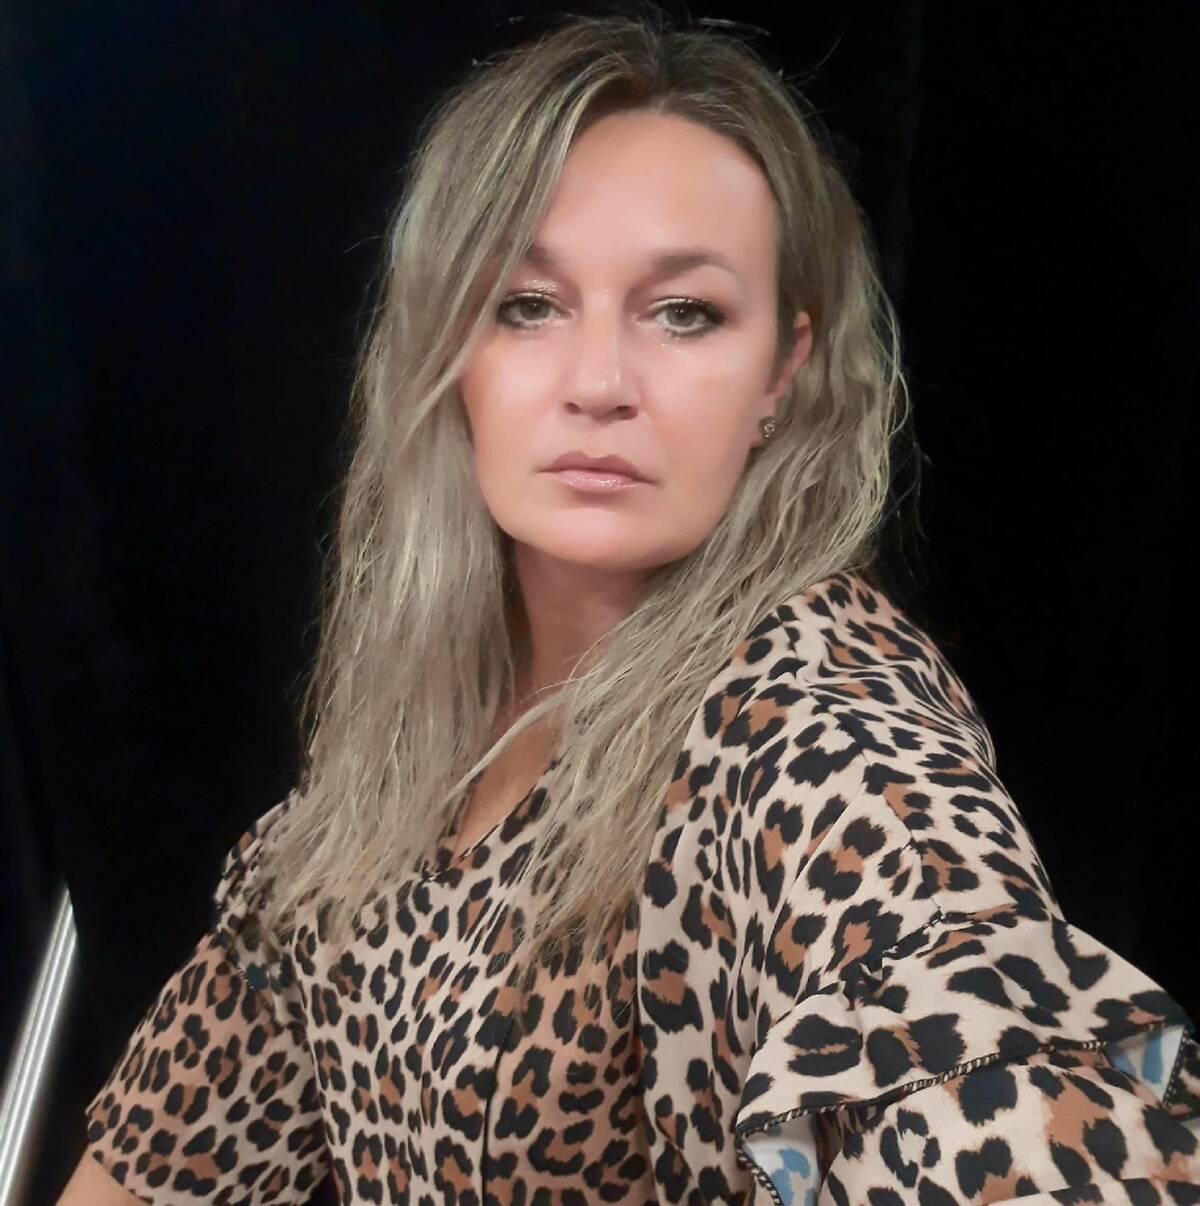 Θρήνος στη Λάρισα: Πέθανε η Δήμητρα Δημητροπούλου - Ήταν μόλις 41 ετών (pics)